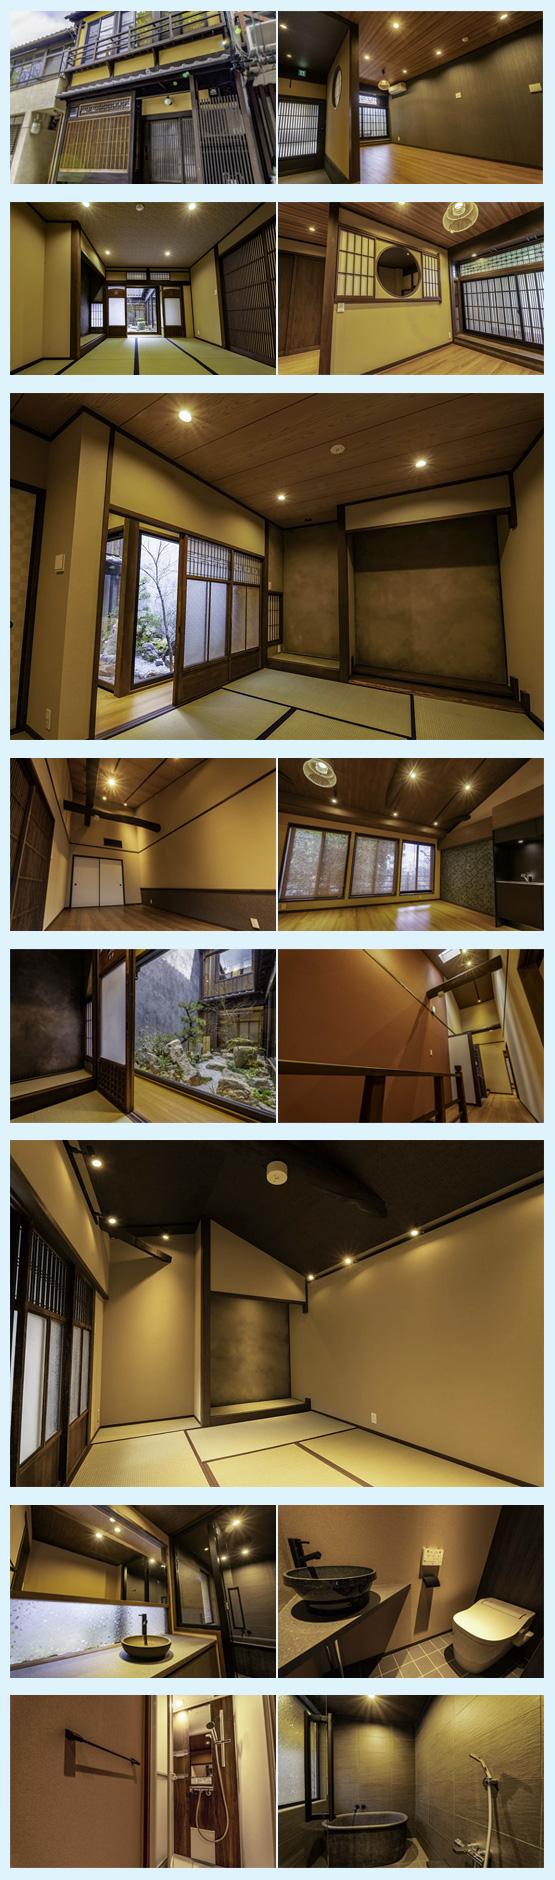 オフィス・ホテル・スクール・ジム 内装デザイン事例43